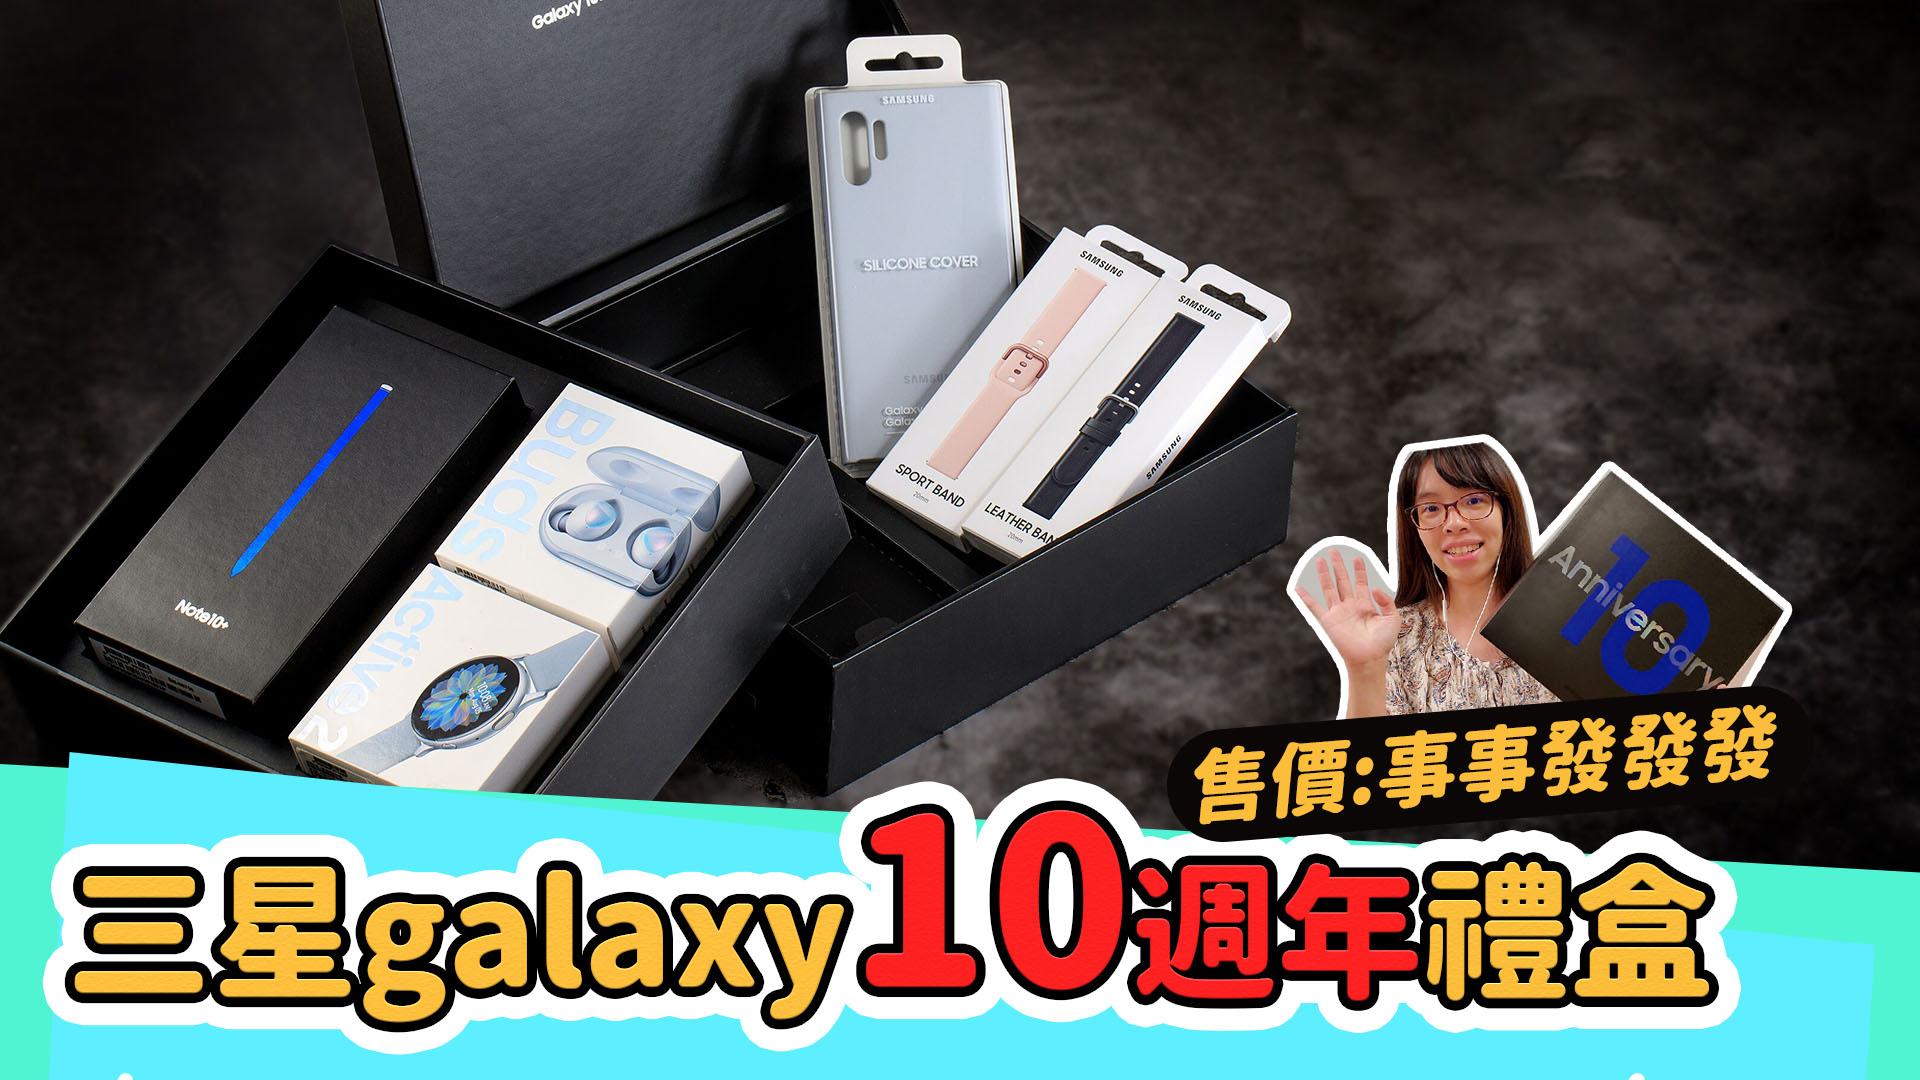 三星 Galaxy 十週年禮盒開箱!手機、耳機、手錶、配件一次購齊